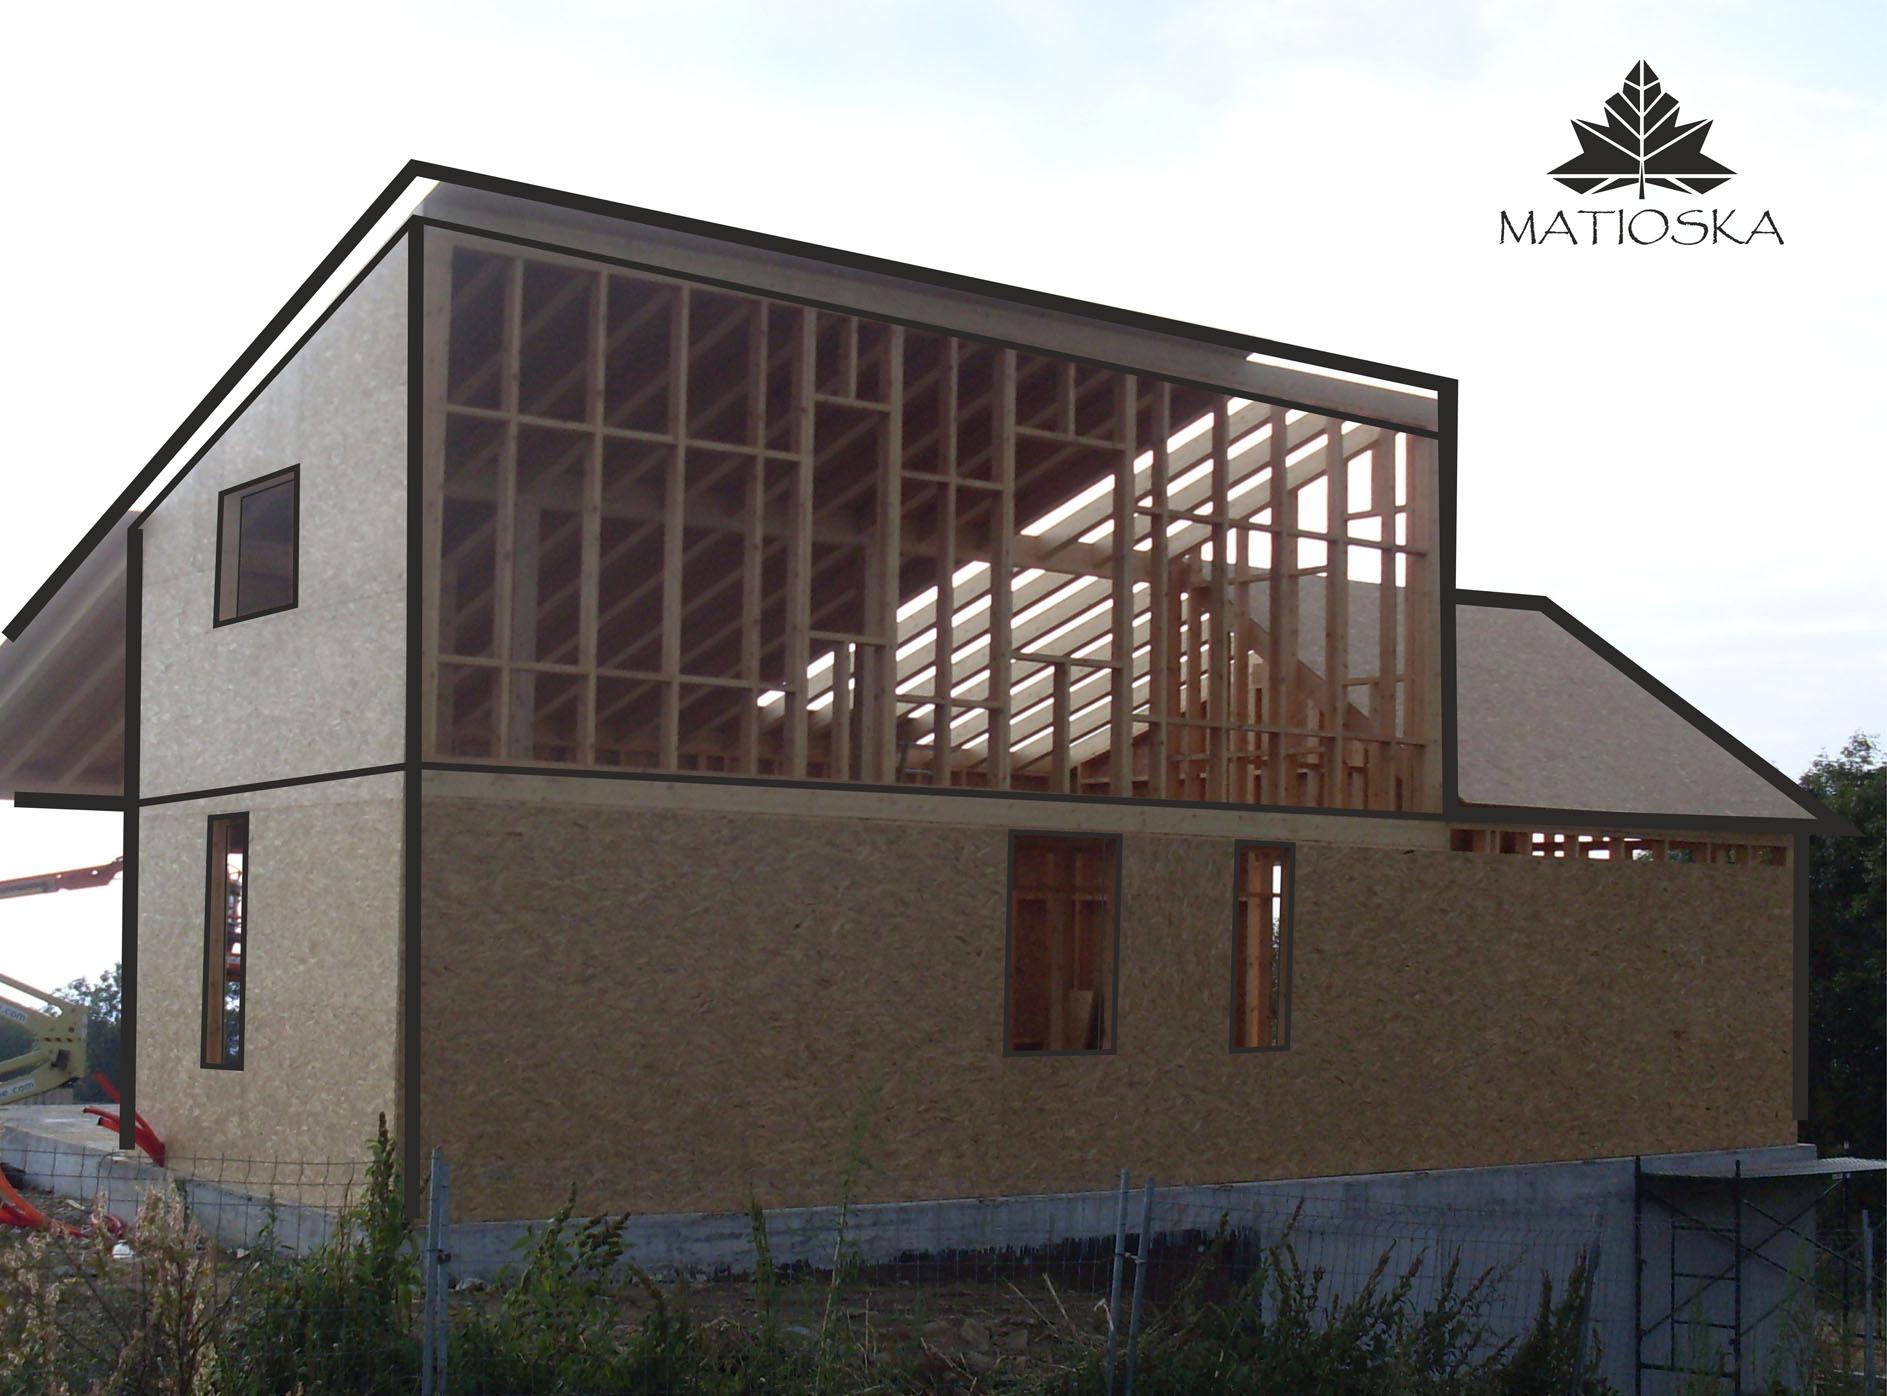 ENTRAMADO LIGERO - MATIOSKA - Diseño y construcción con madera